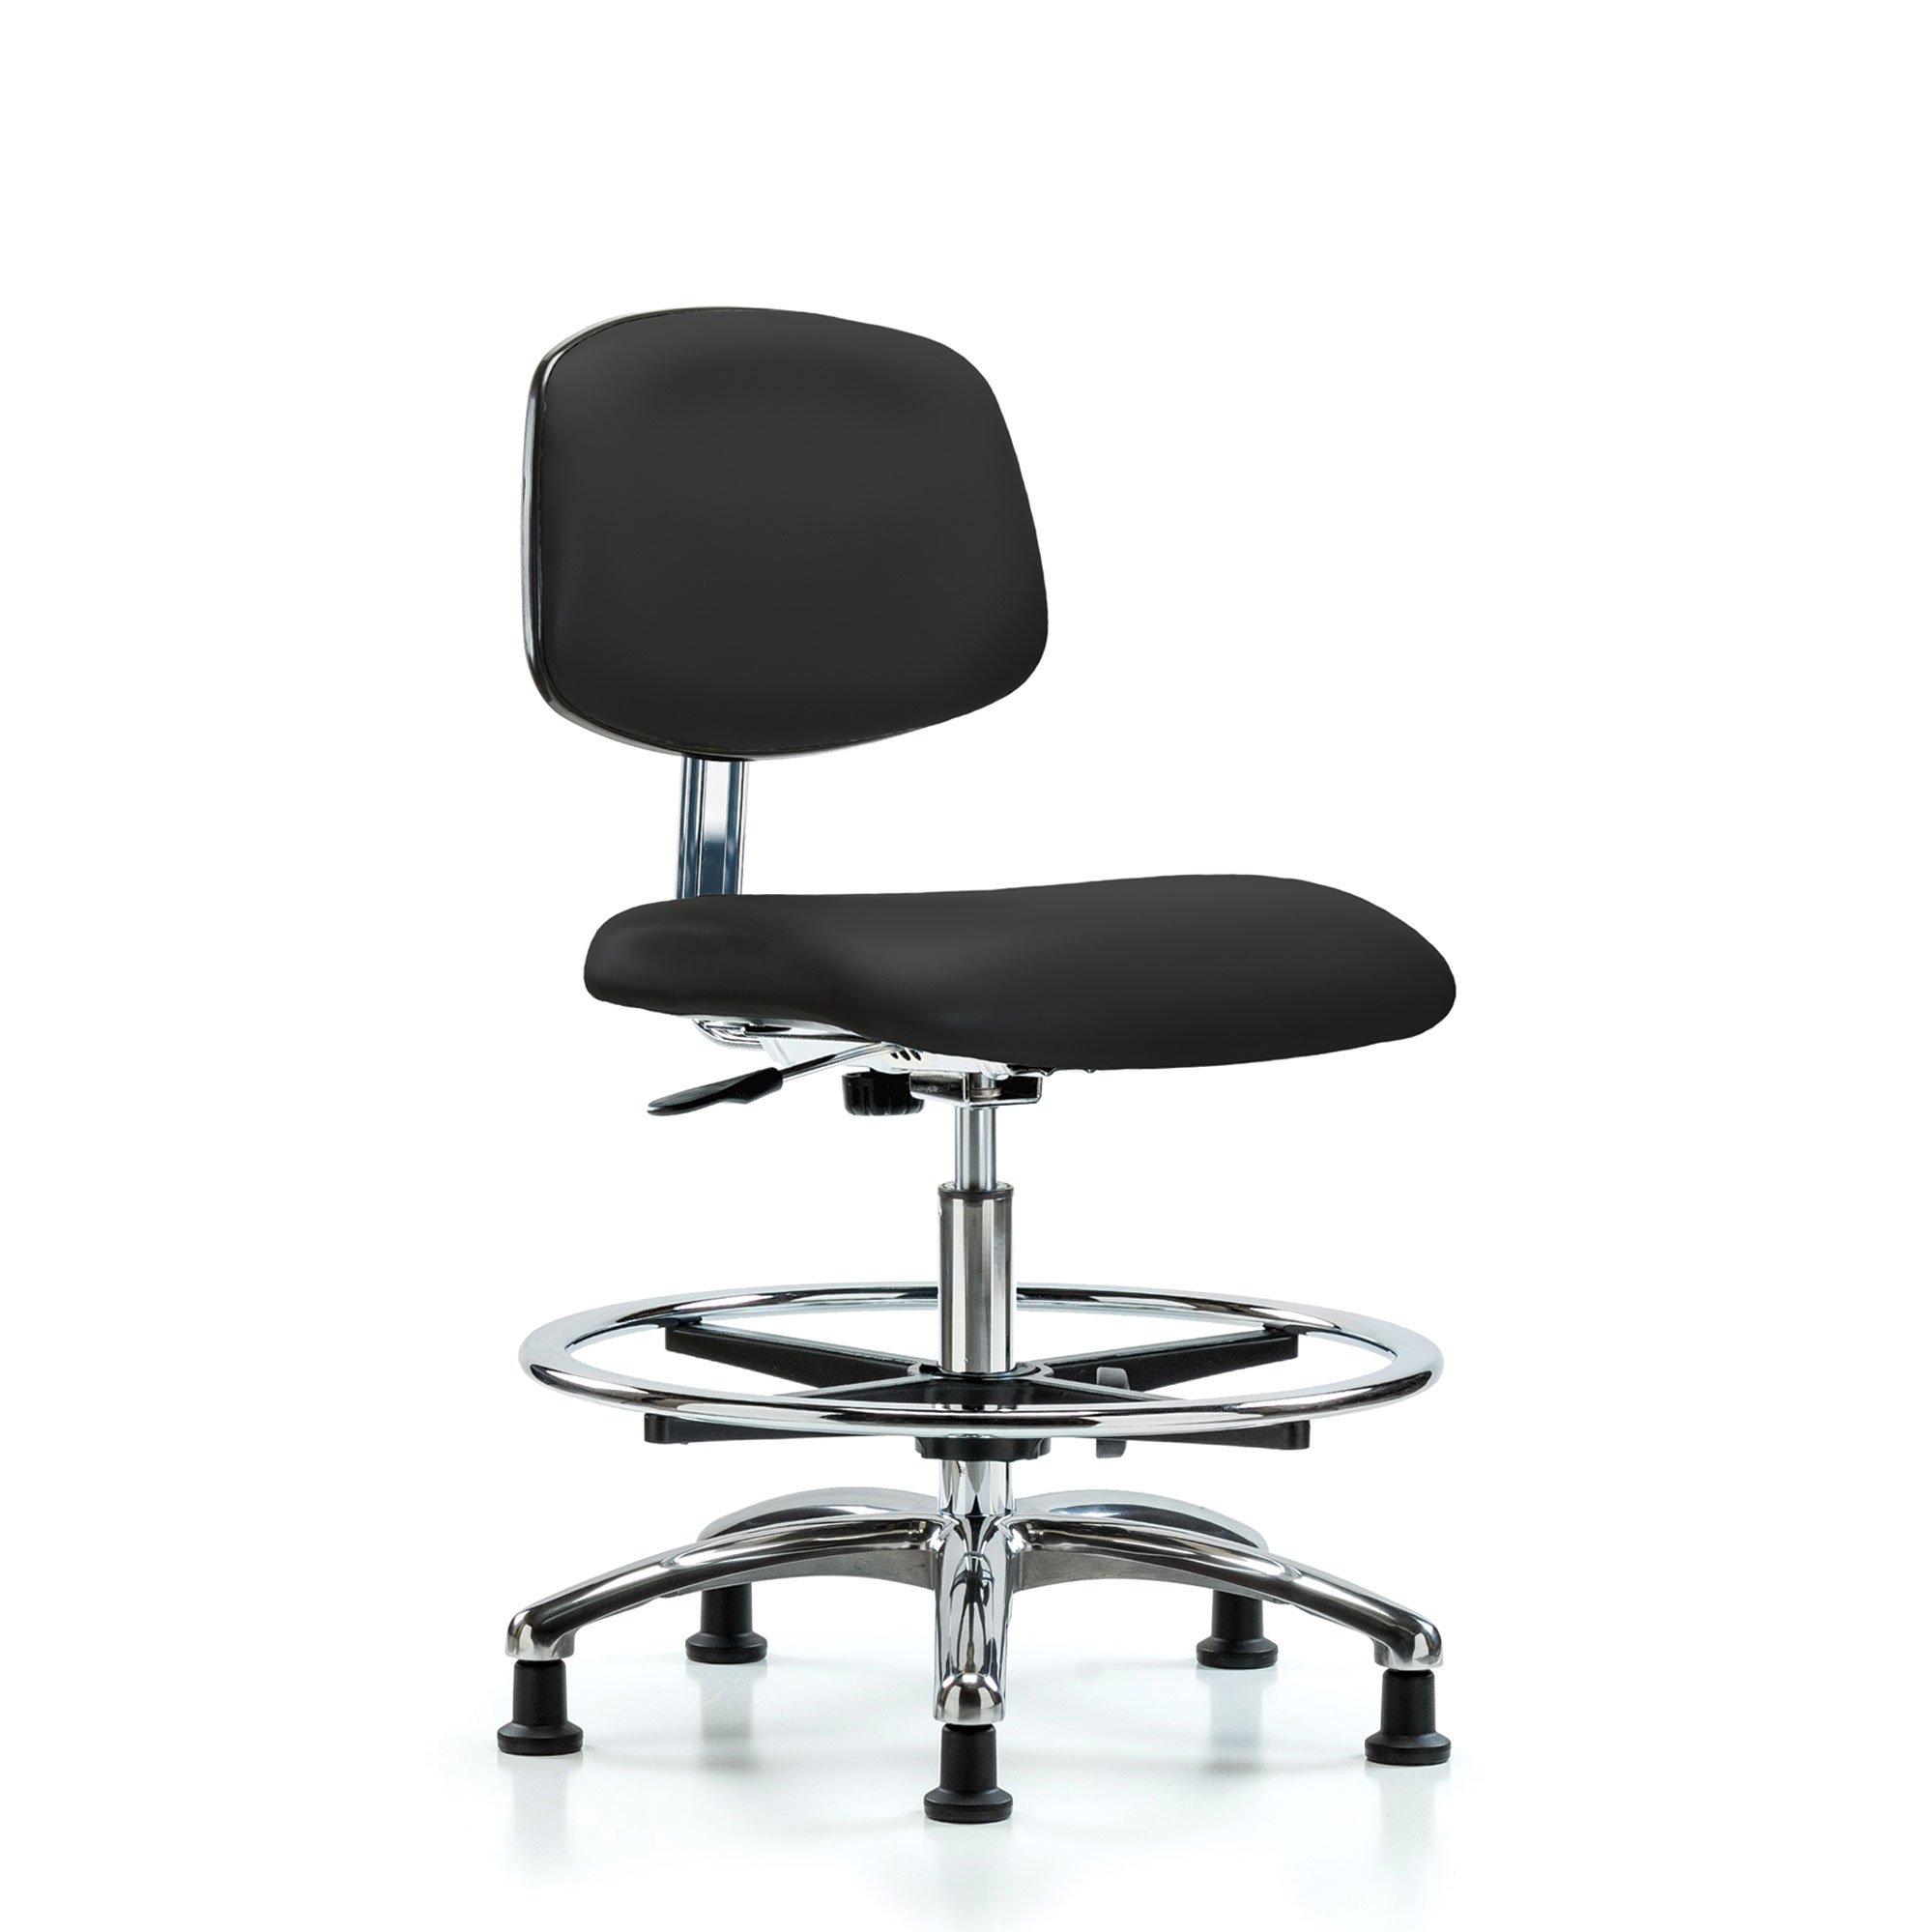 Tall Cleanroom Chair Chrome Base Glides Black by E Com Inc